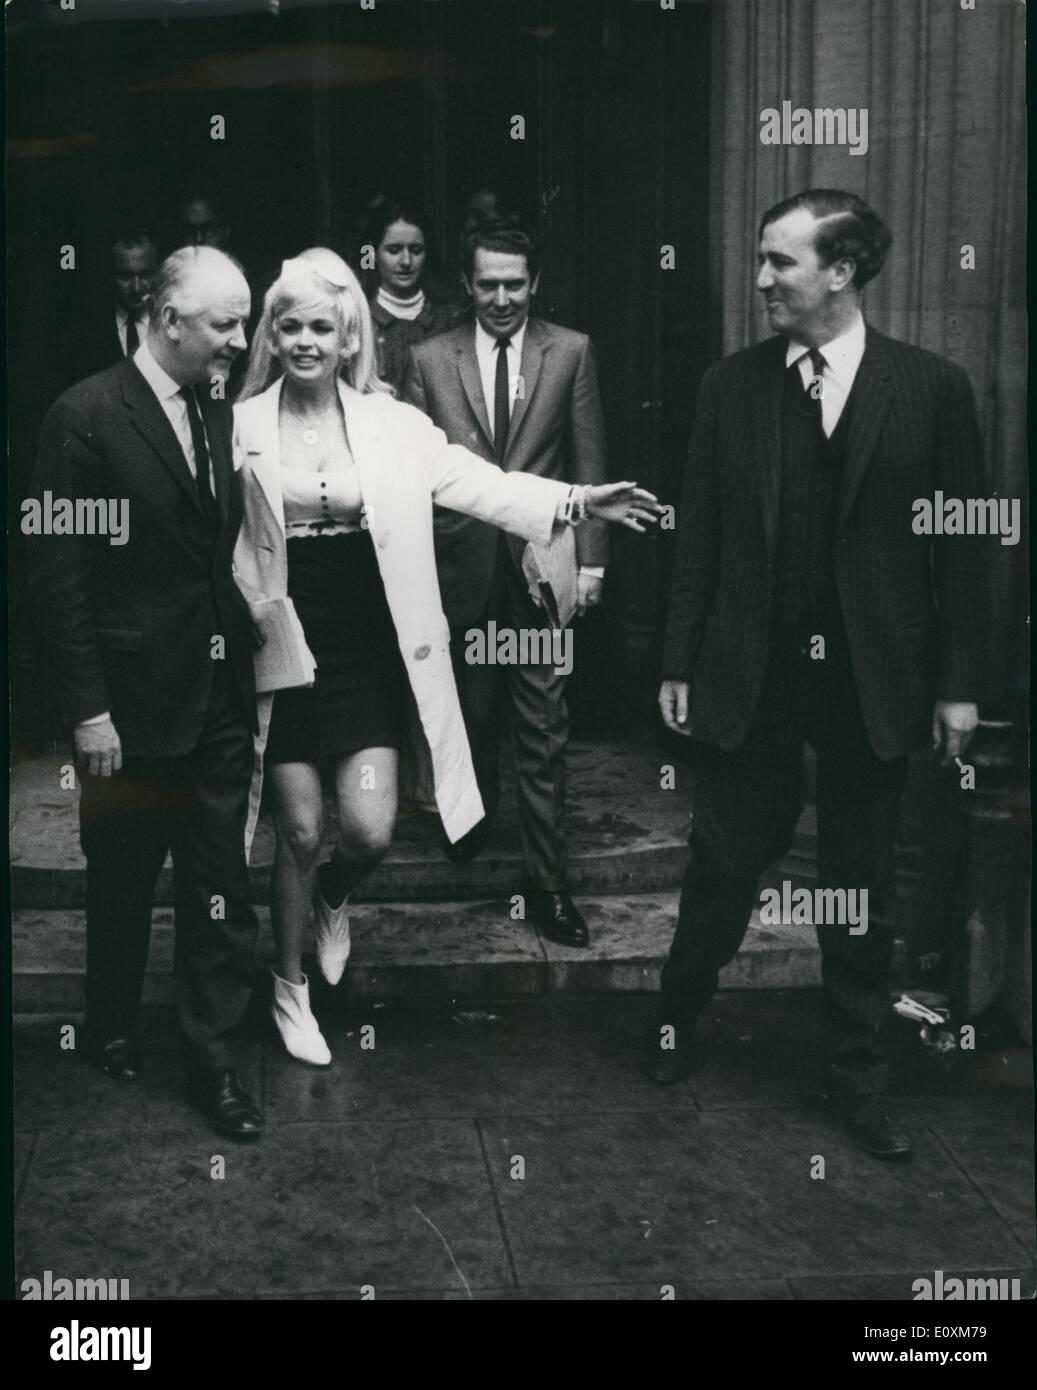 Jayne Mansfield House apr. 04, 1967 - jayne mansfield visits house of commons: jayne